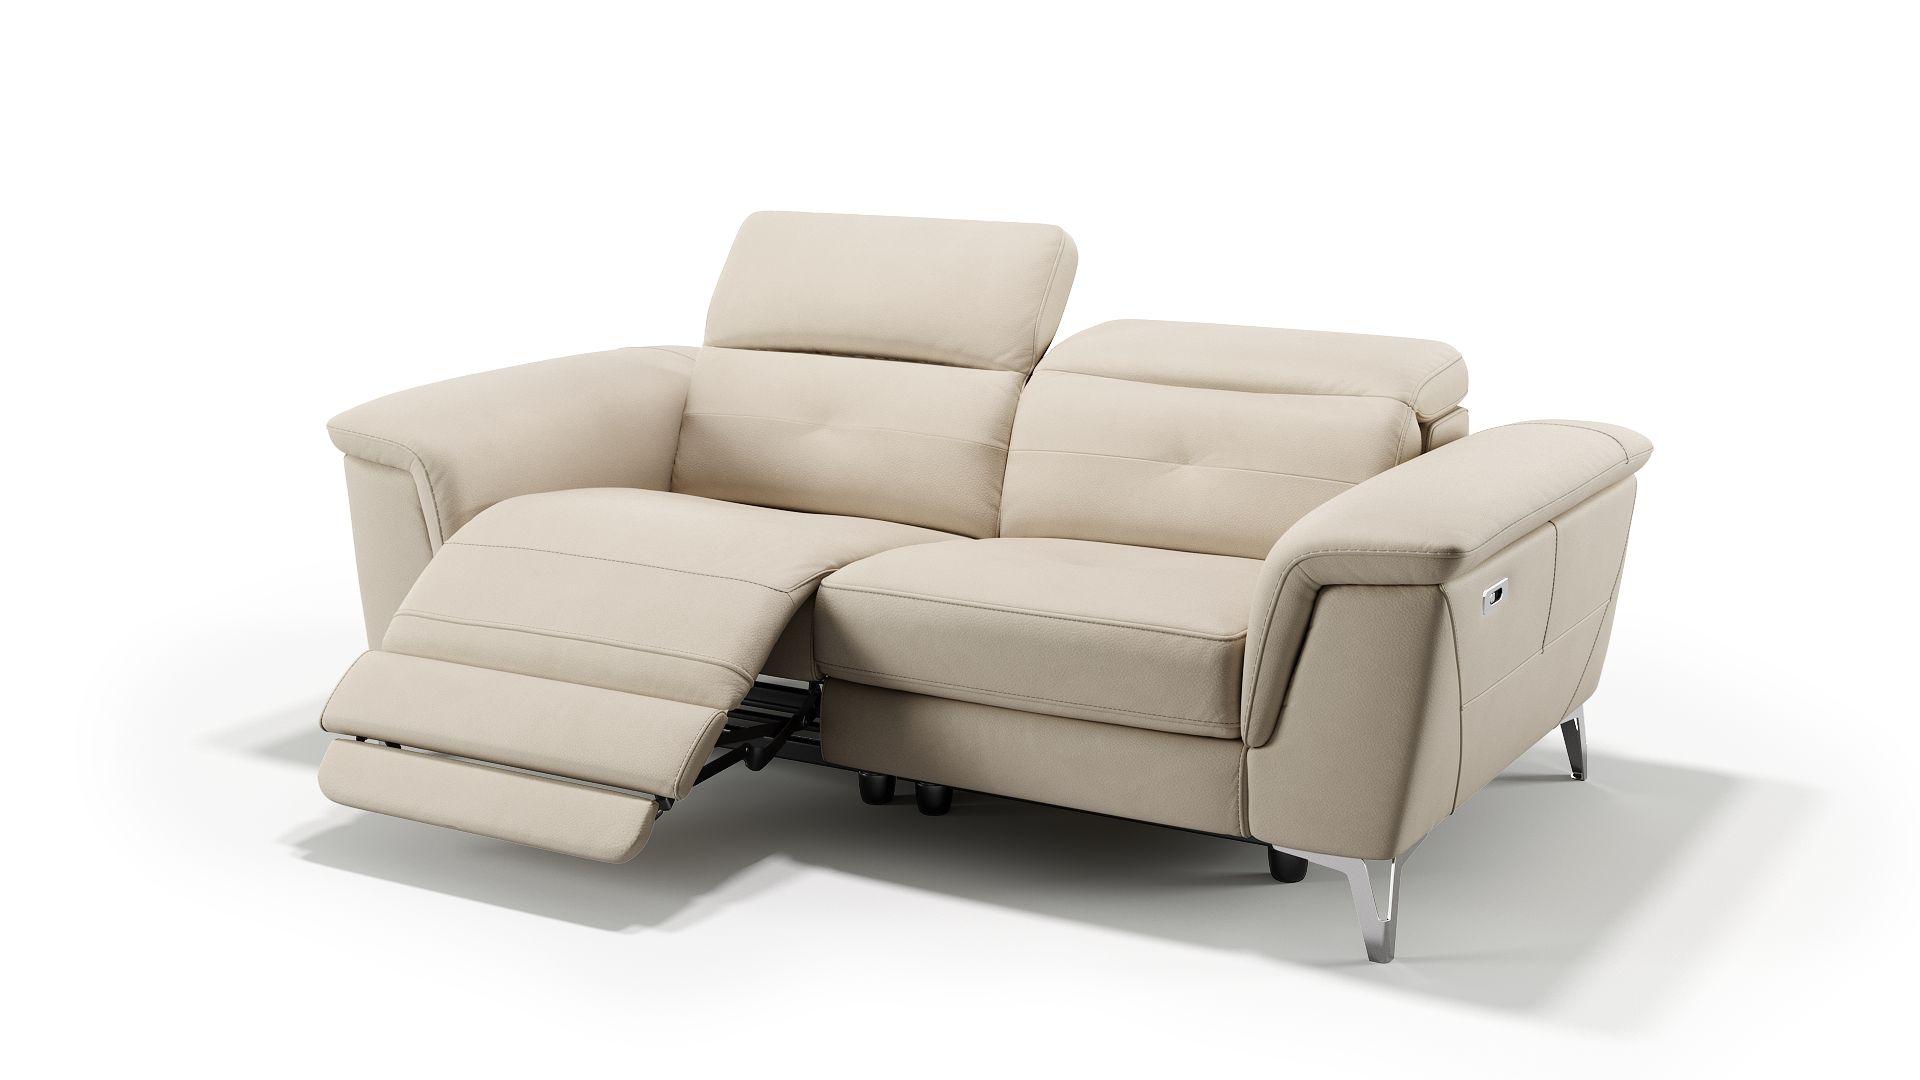 Leder 2-Sitzer Sofa LUPARA